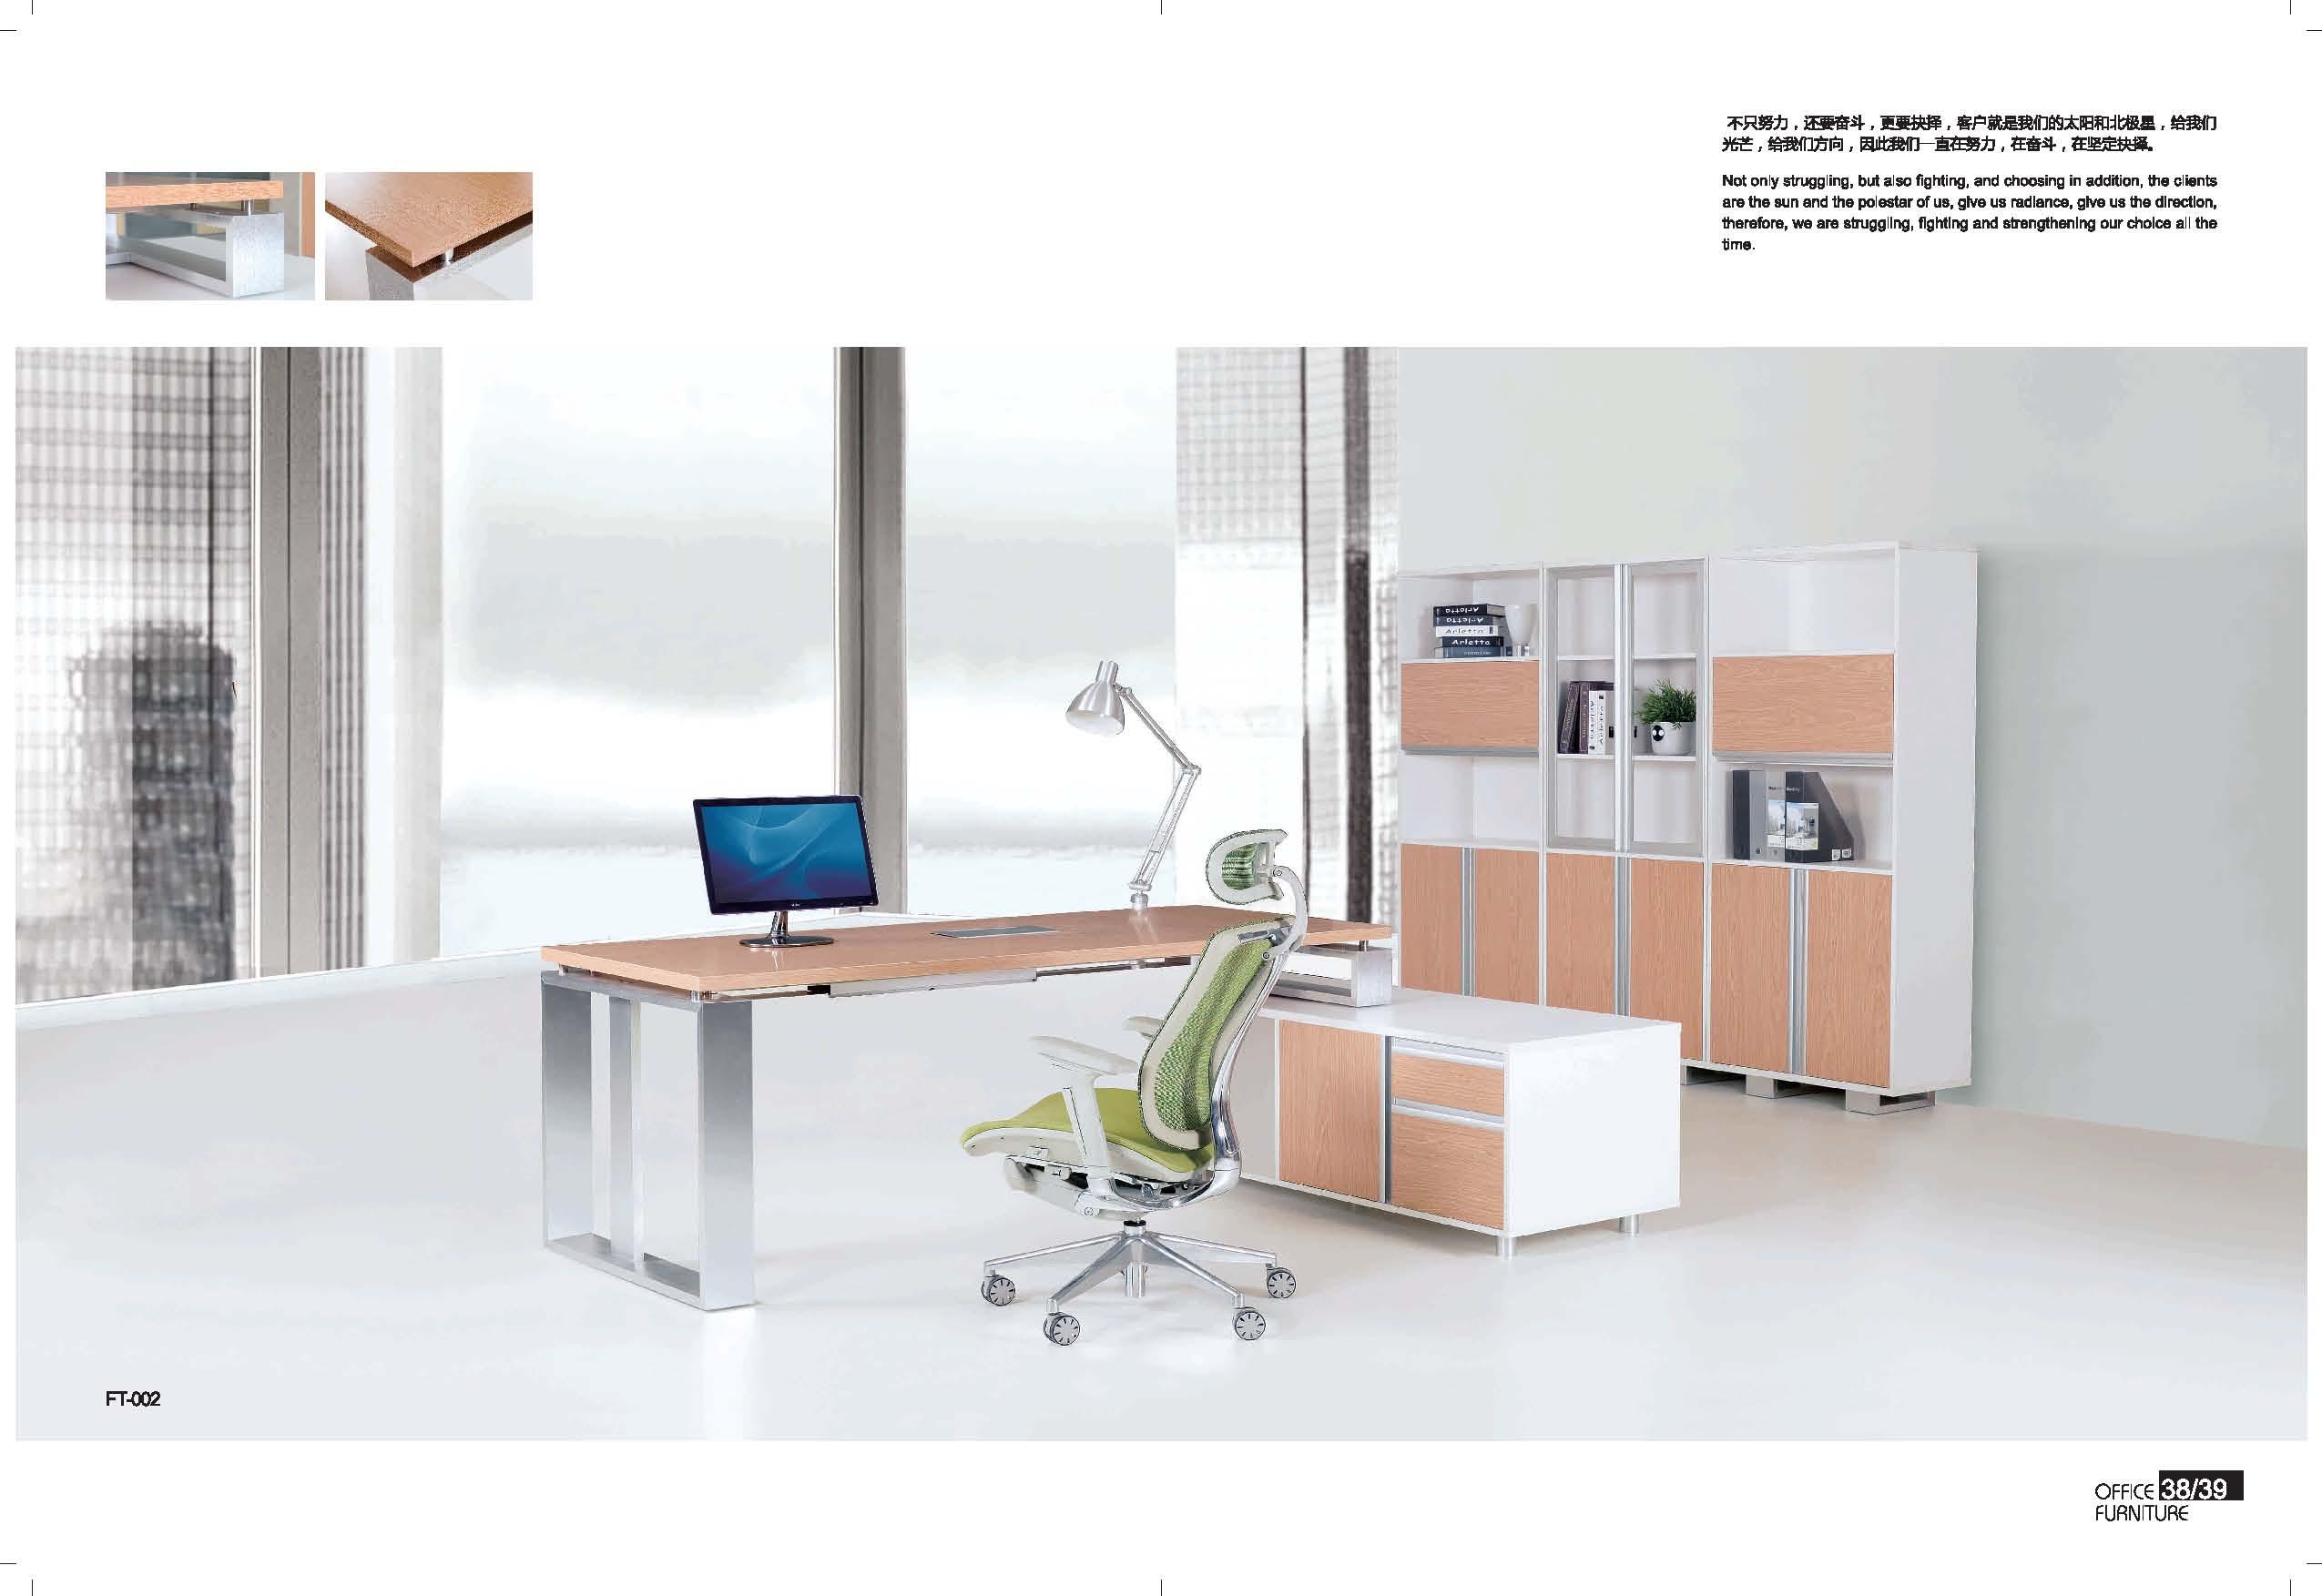 Estaciones de trabajo de la computadora 4 personas for Muebles de oficina para 4 personas